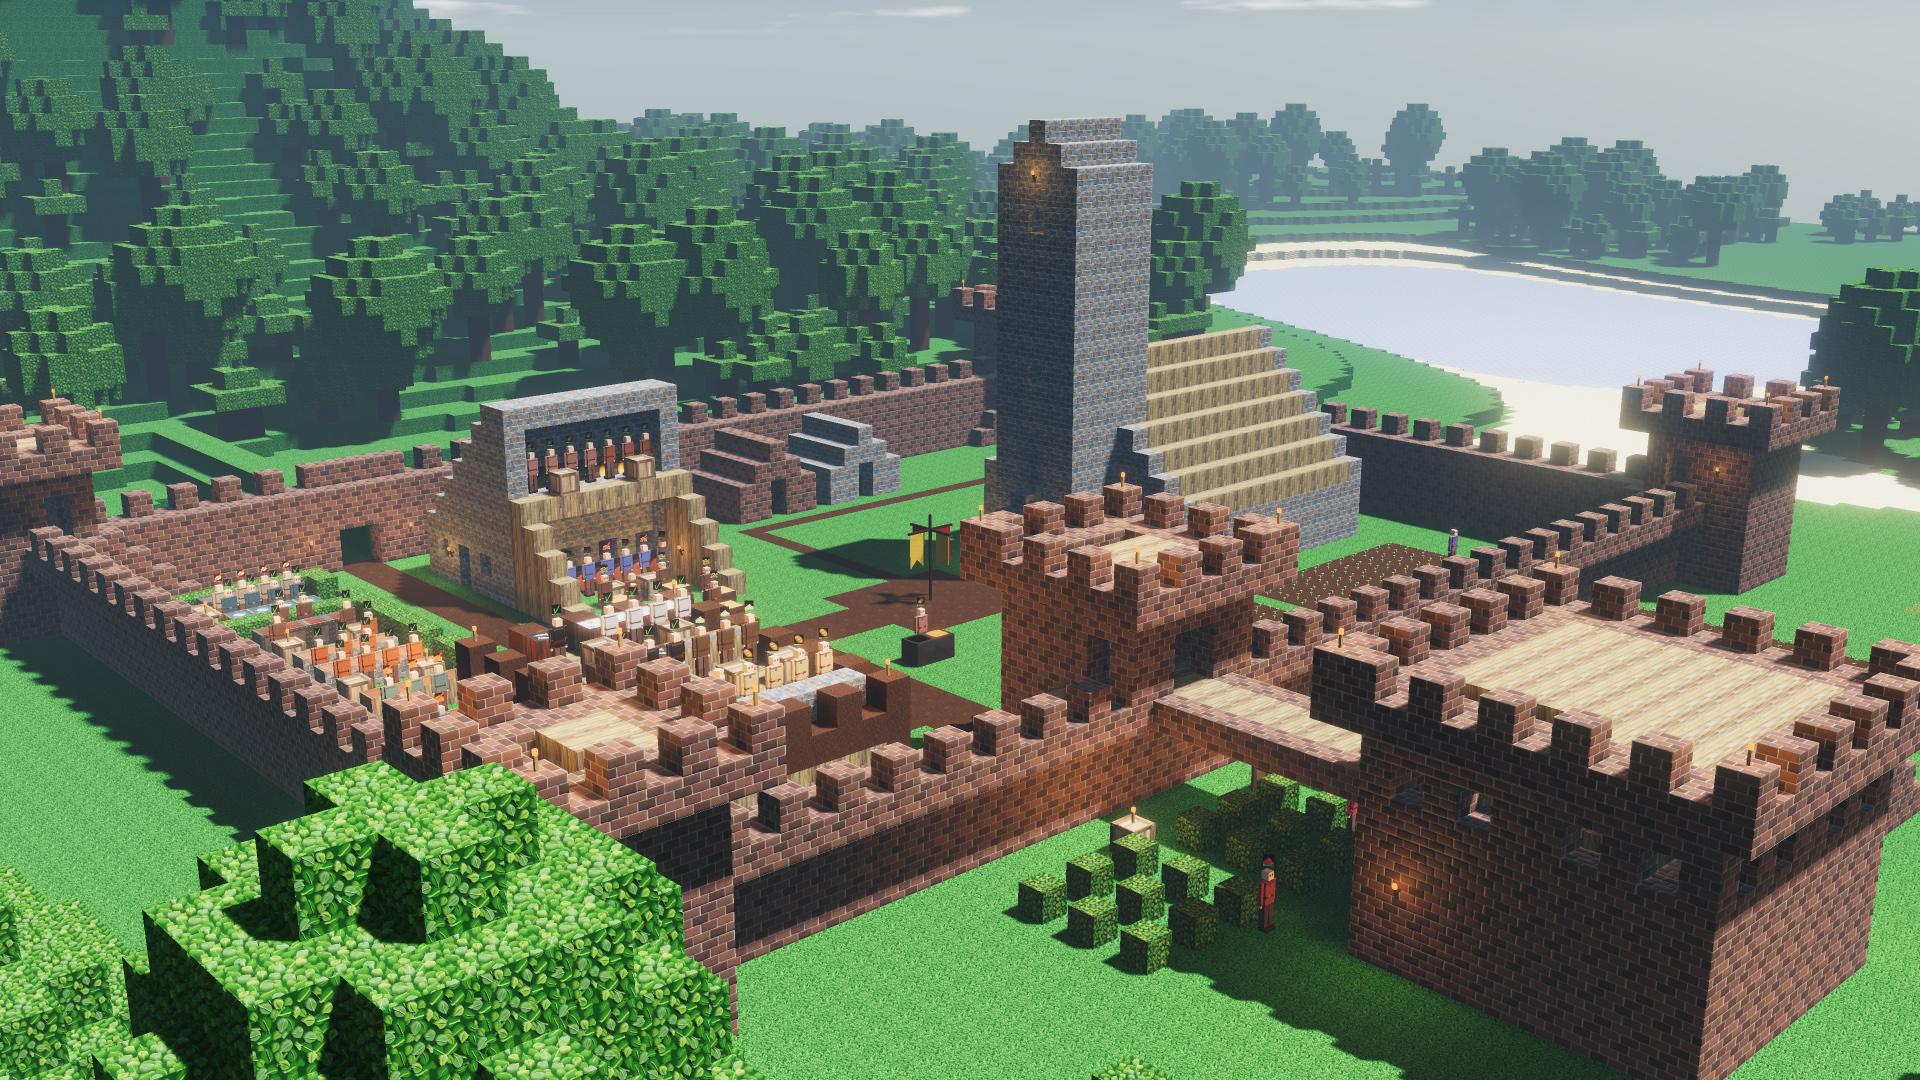 Minecraft Spielen Deutsch Minecraft Auf Ubuntu Spielen Bild - Minecraft auf ubuntu spielen